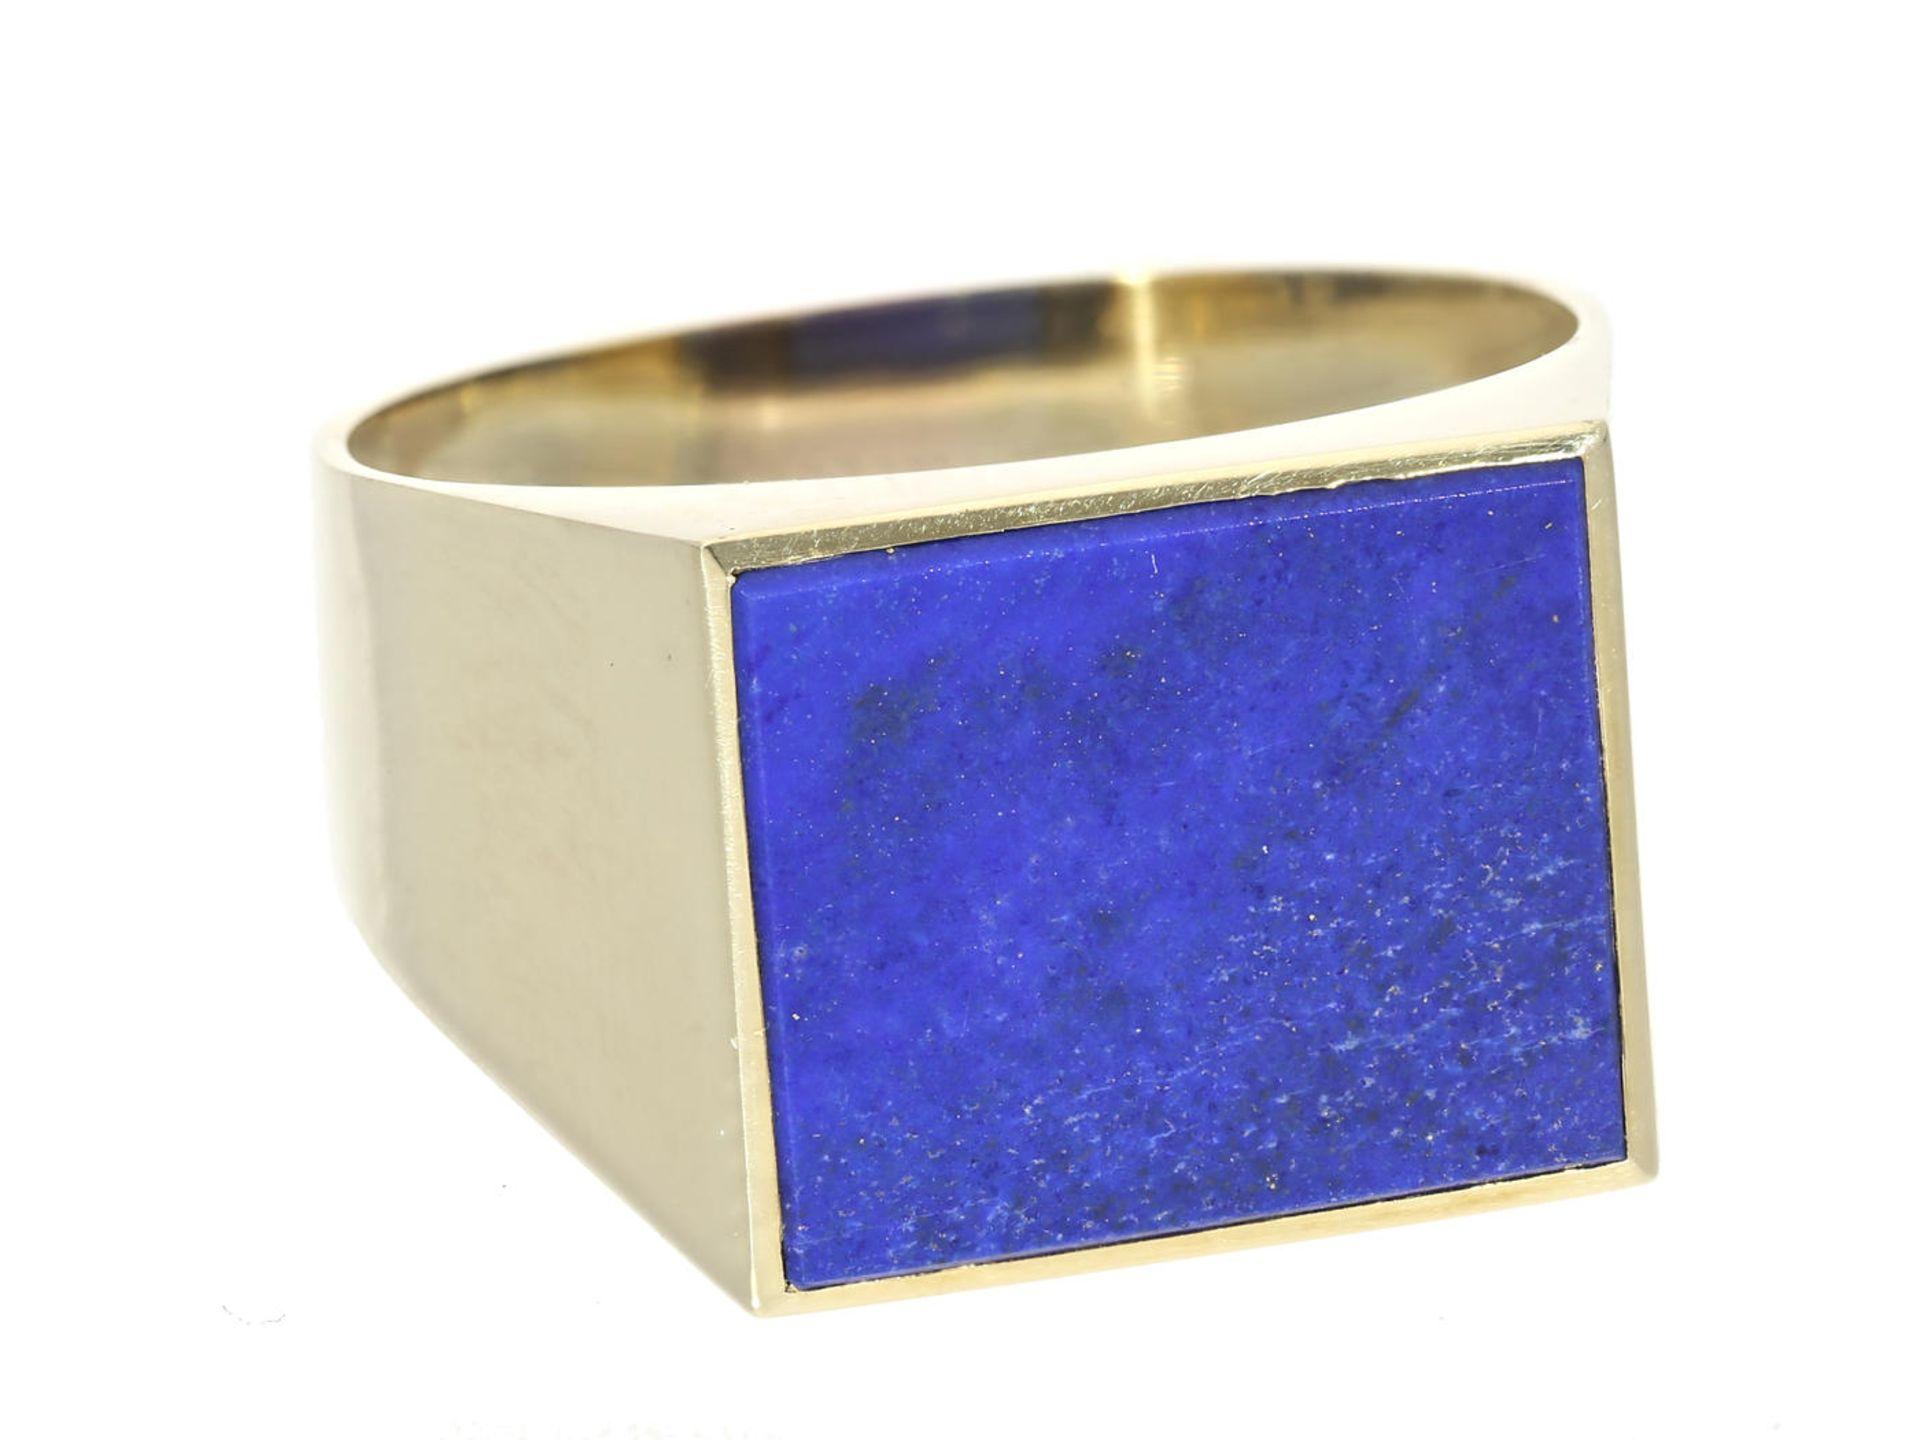 Ring: klassischer Herren-Siegelring mit Lapislazuli Ca. Ø21mm, RG67, ca. 8g, 14K Gold, ungravierte